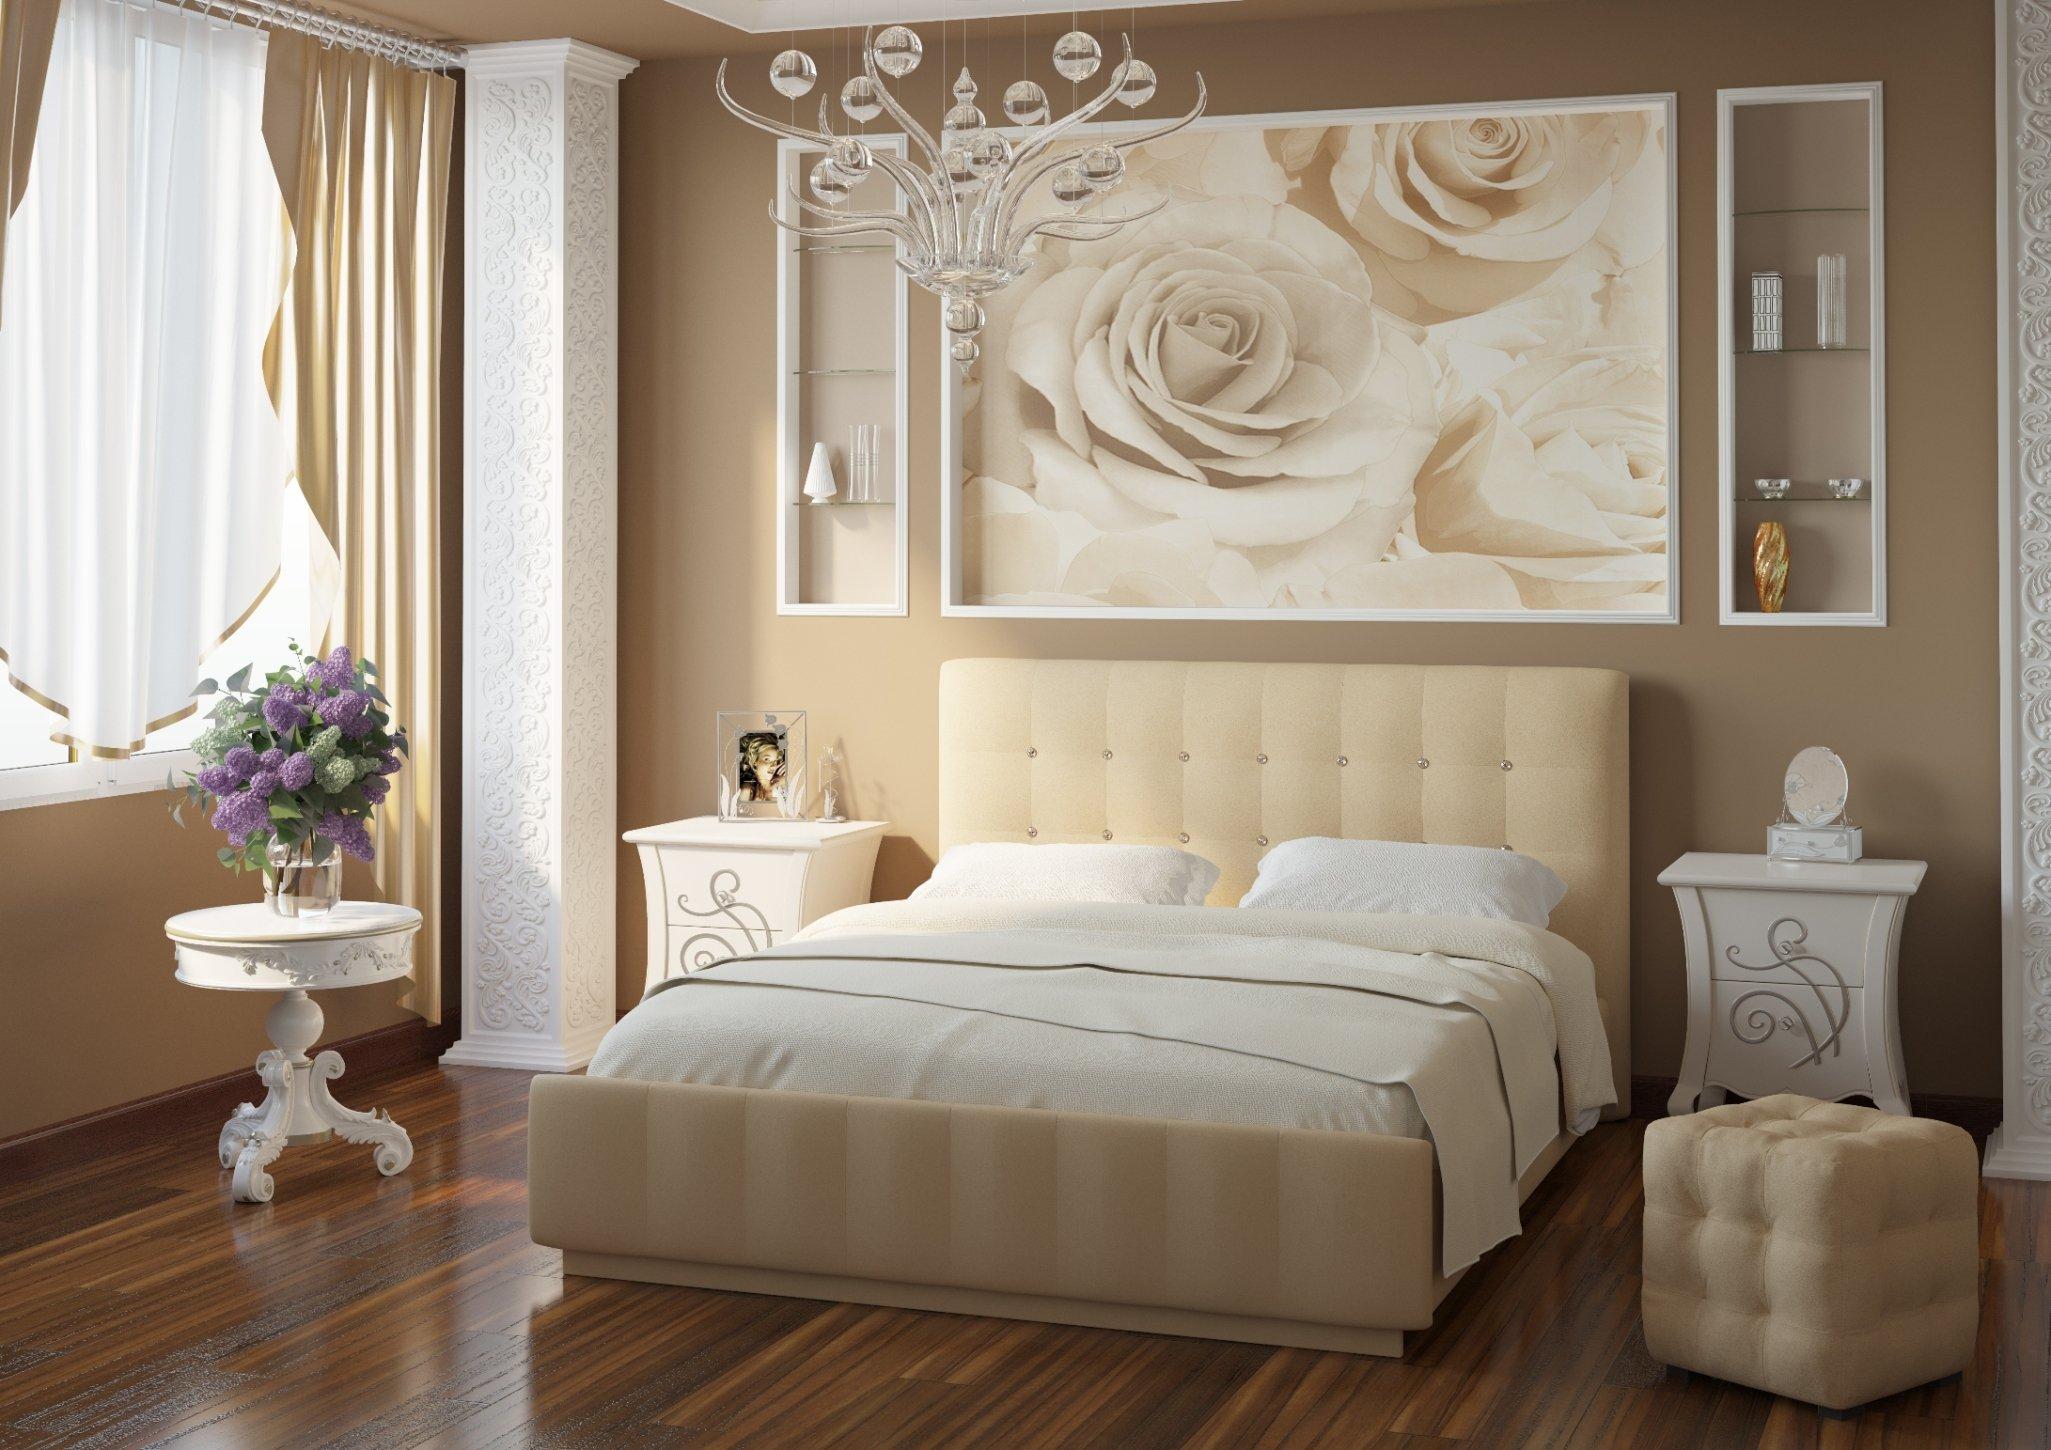 Откидные двуспальные кровати своими руками фото 908